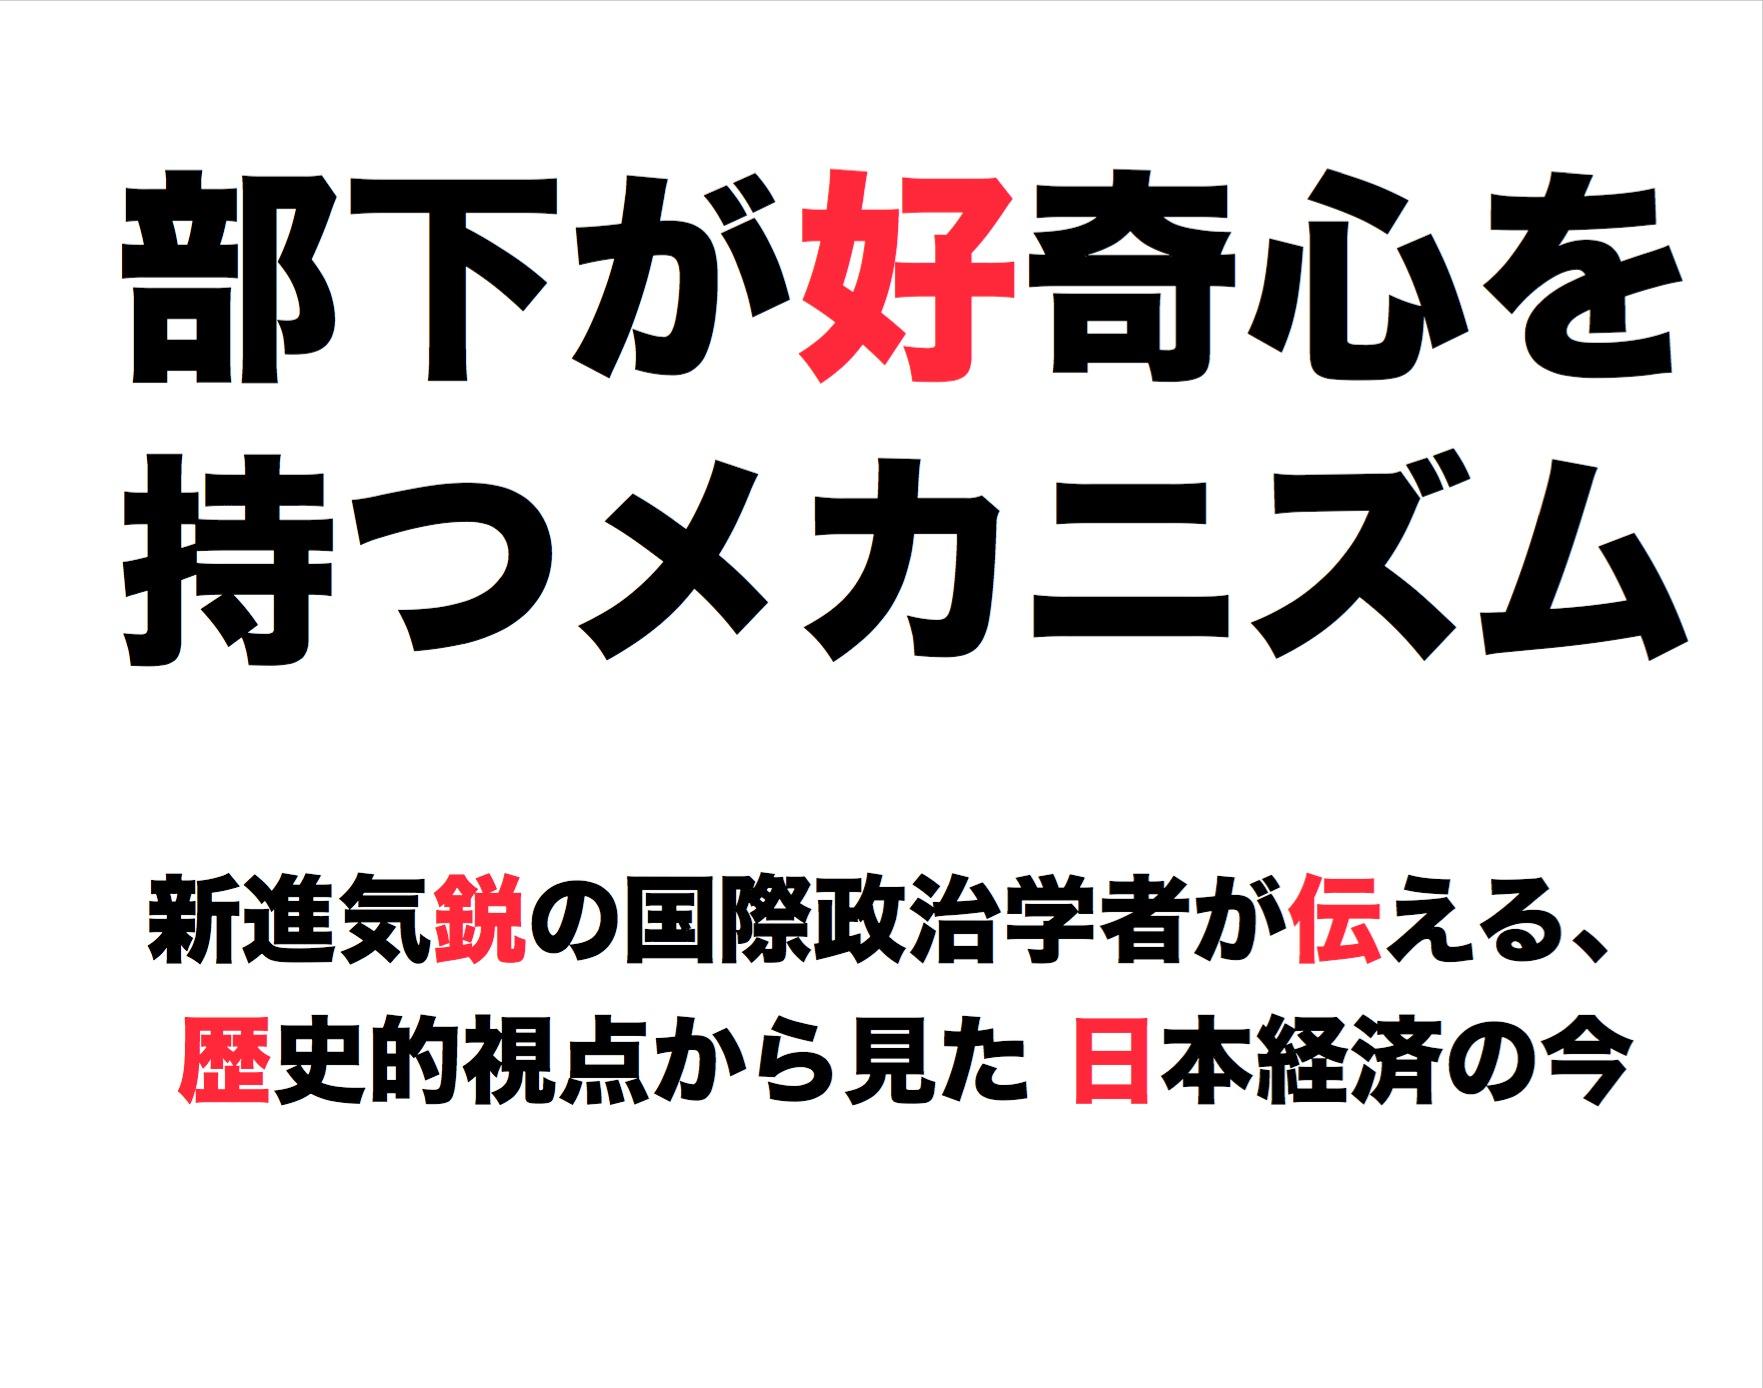 2012年7月ビジネスサークル『ふれる』〜物事に触れる!部下が好奇心を持つメカニズム♪〜